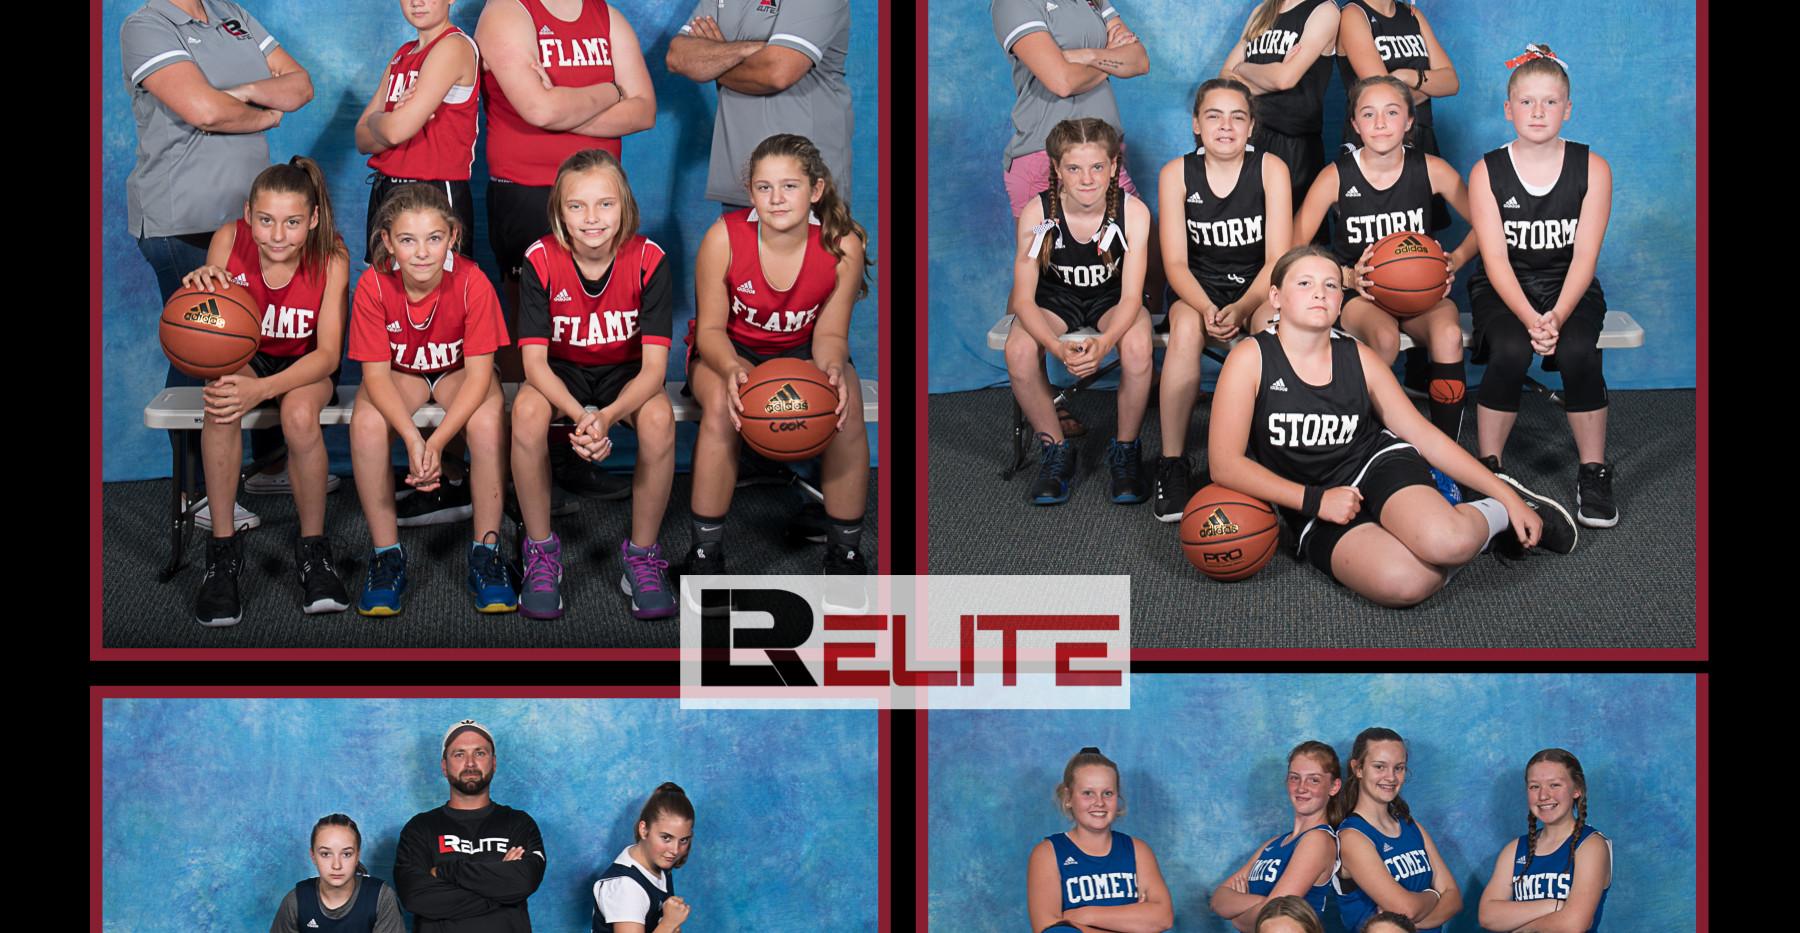 LRE girls collage.jpg